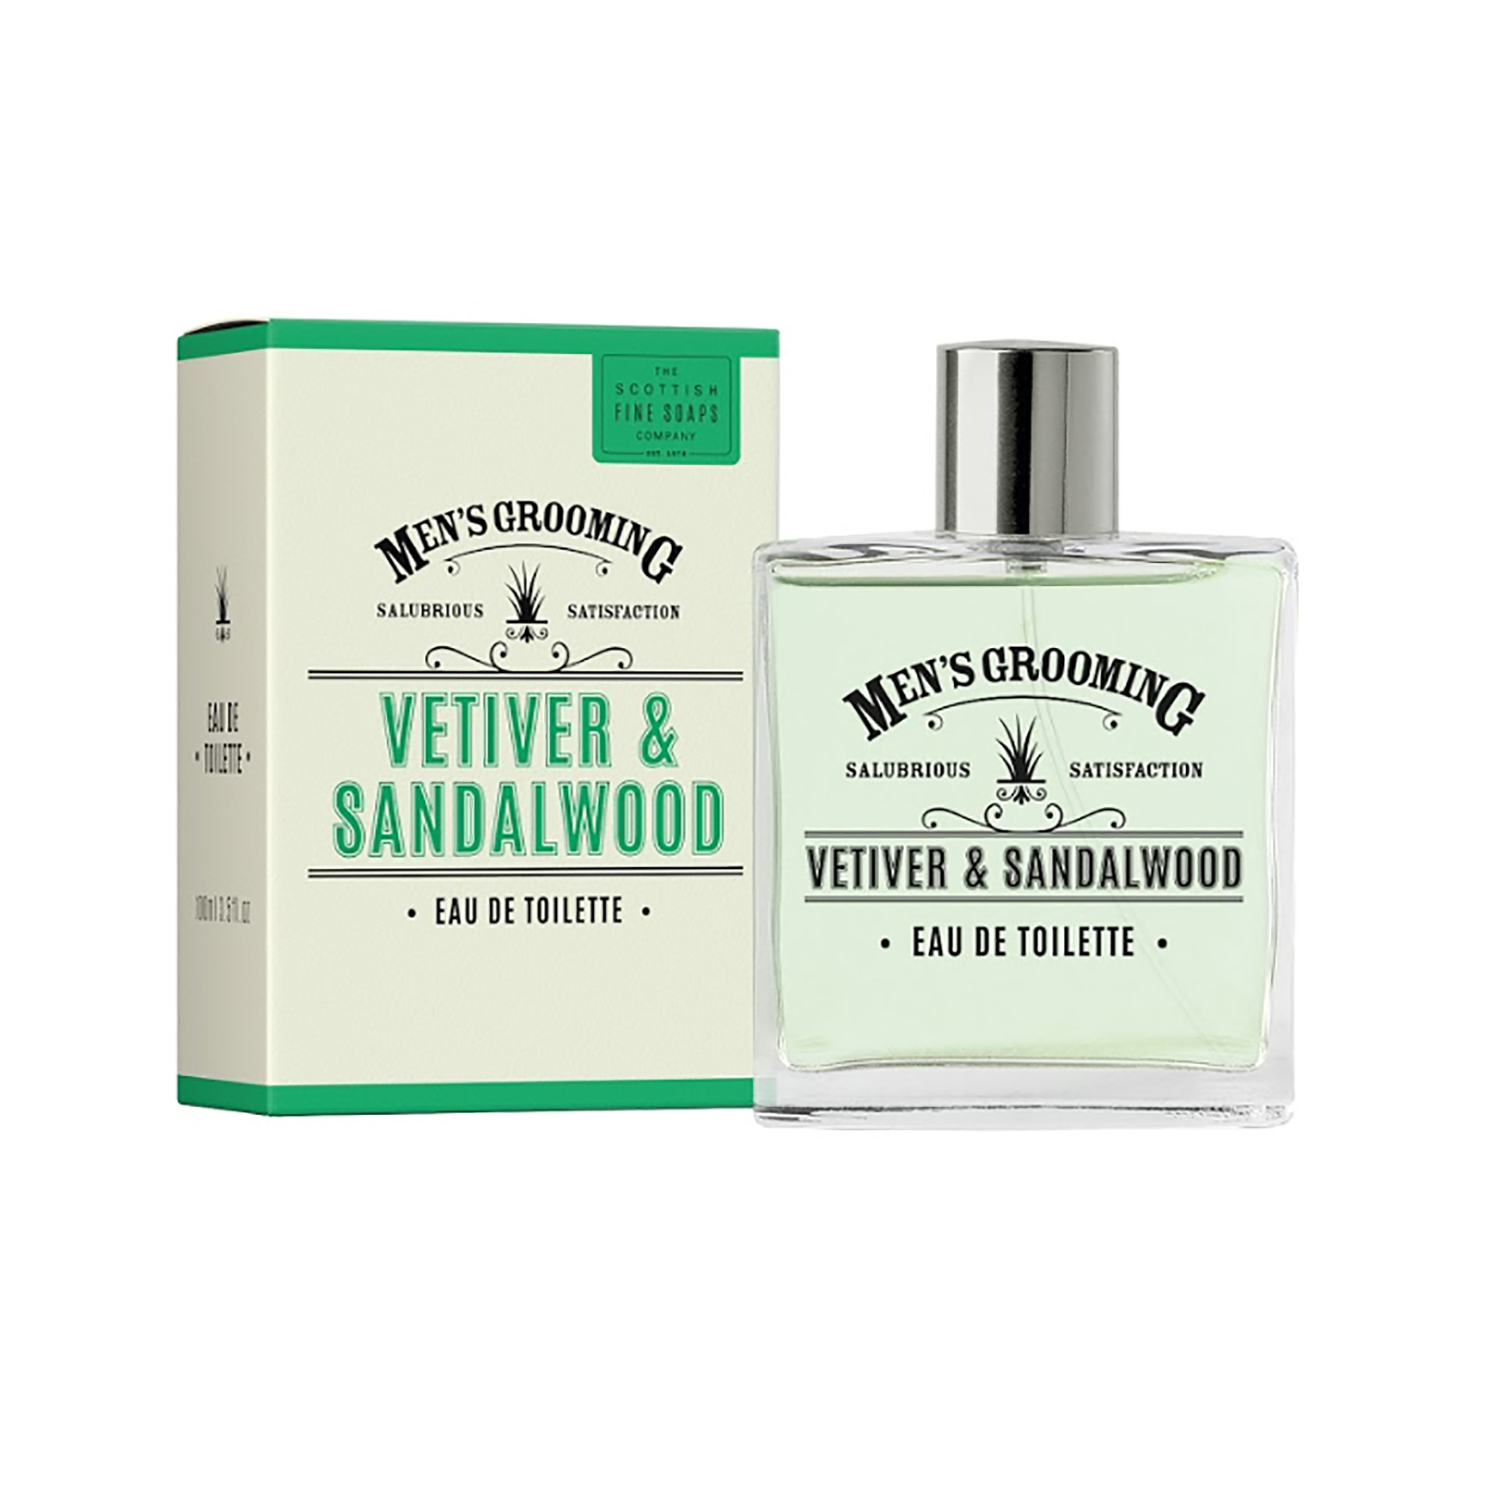 The Scottish Fine Soaps Company – Vetiver & Sandalwood Eau De Toilette